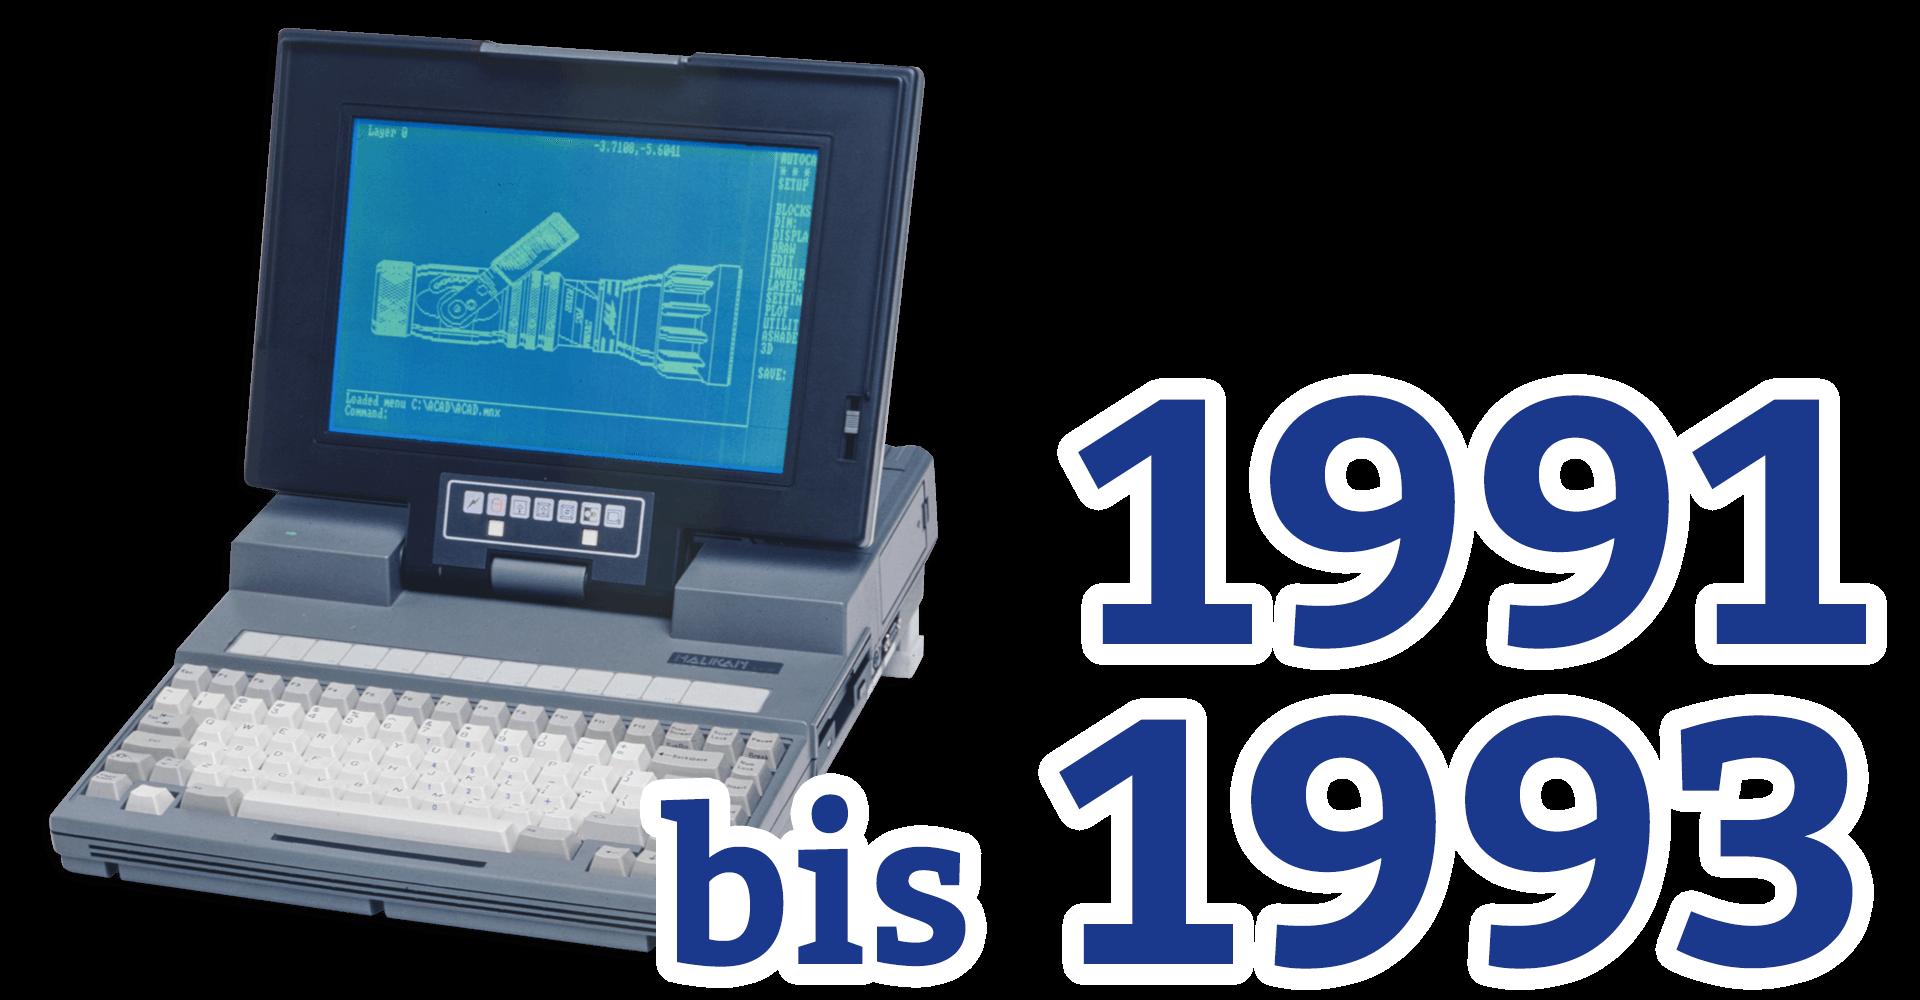 NOVA Elektronik 1991 - 1993